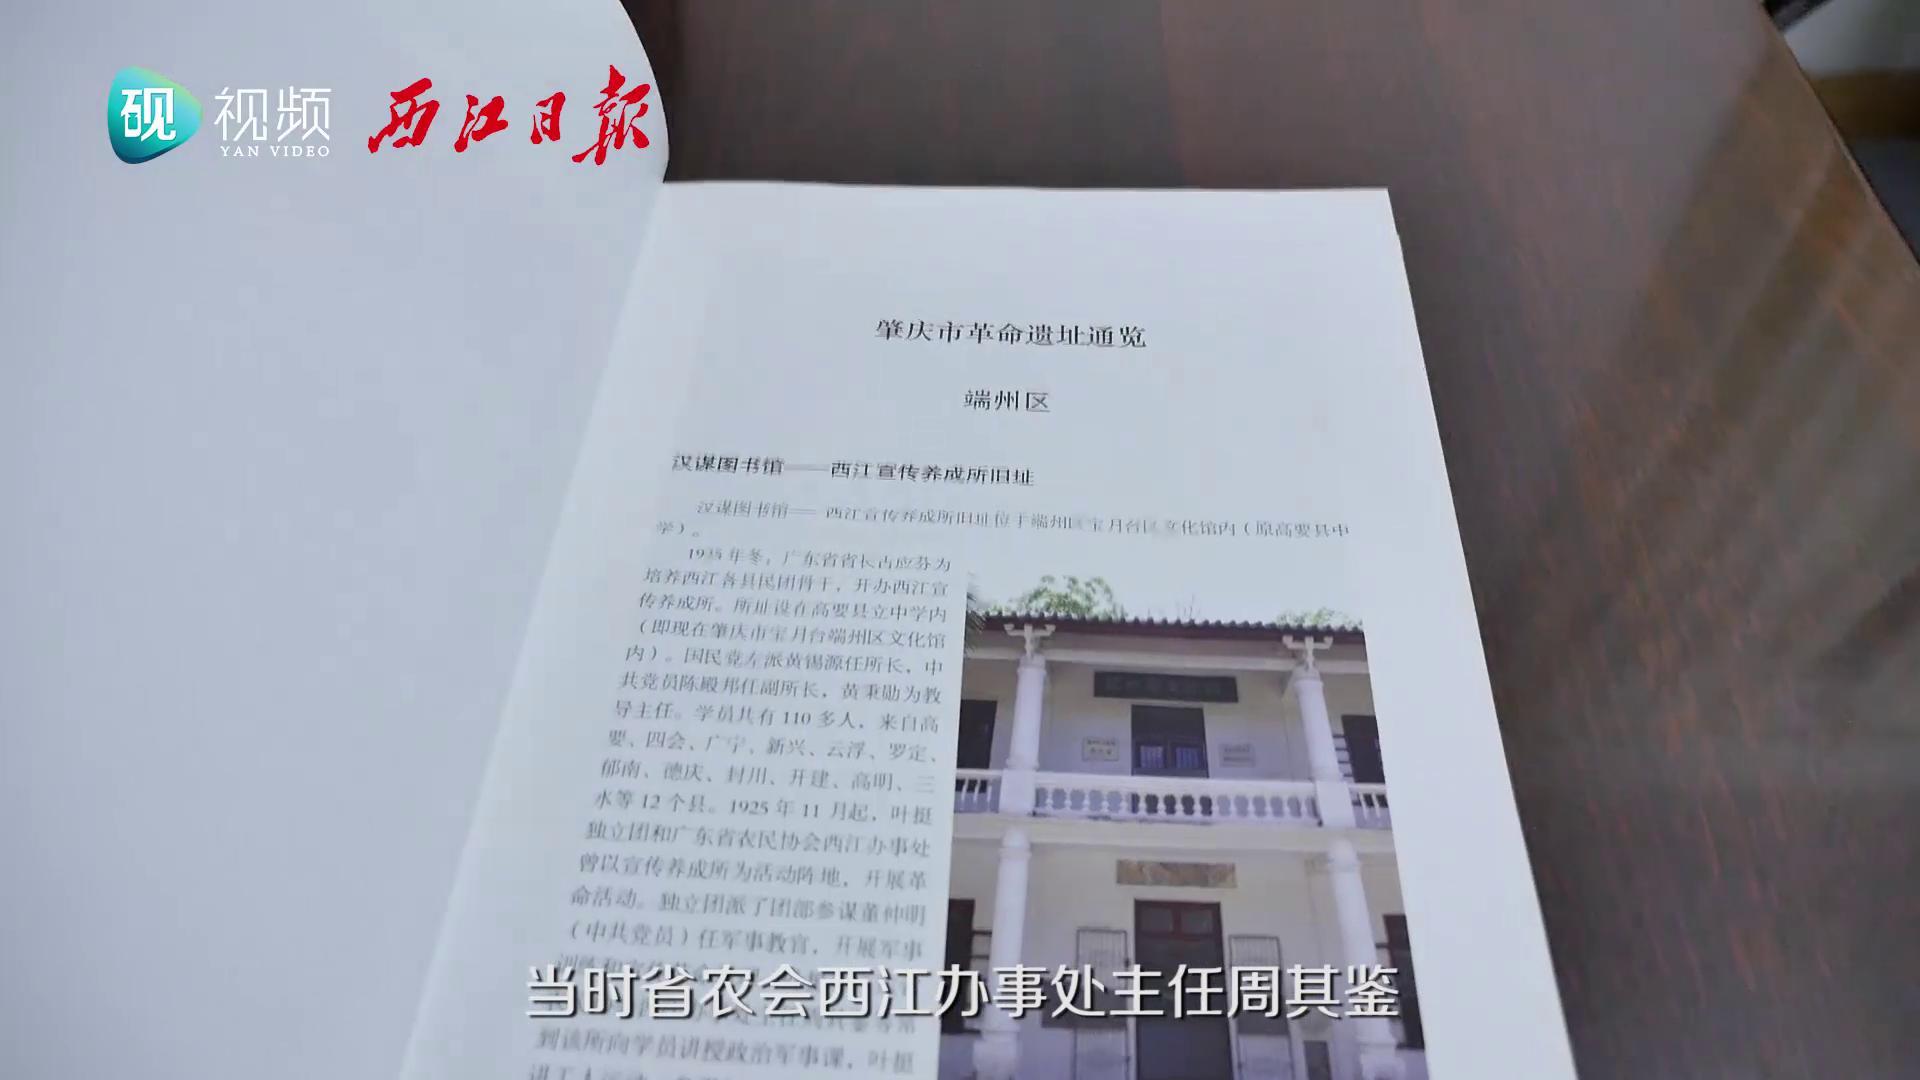 【重走红色路】西江宣传养成所旧址:叶挺在此讲授工运课